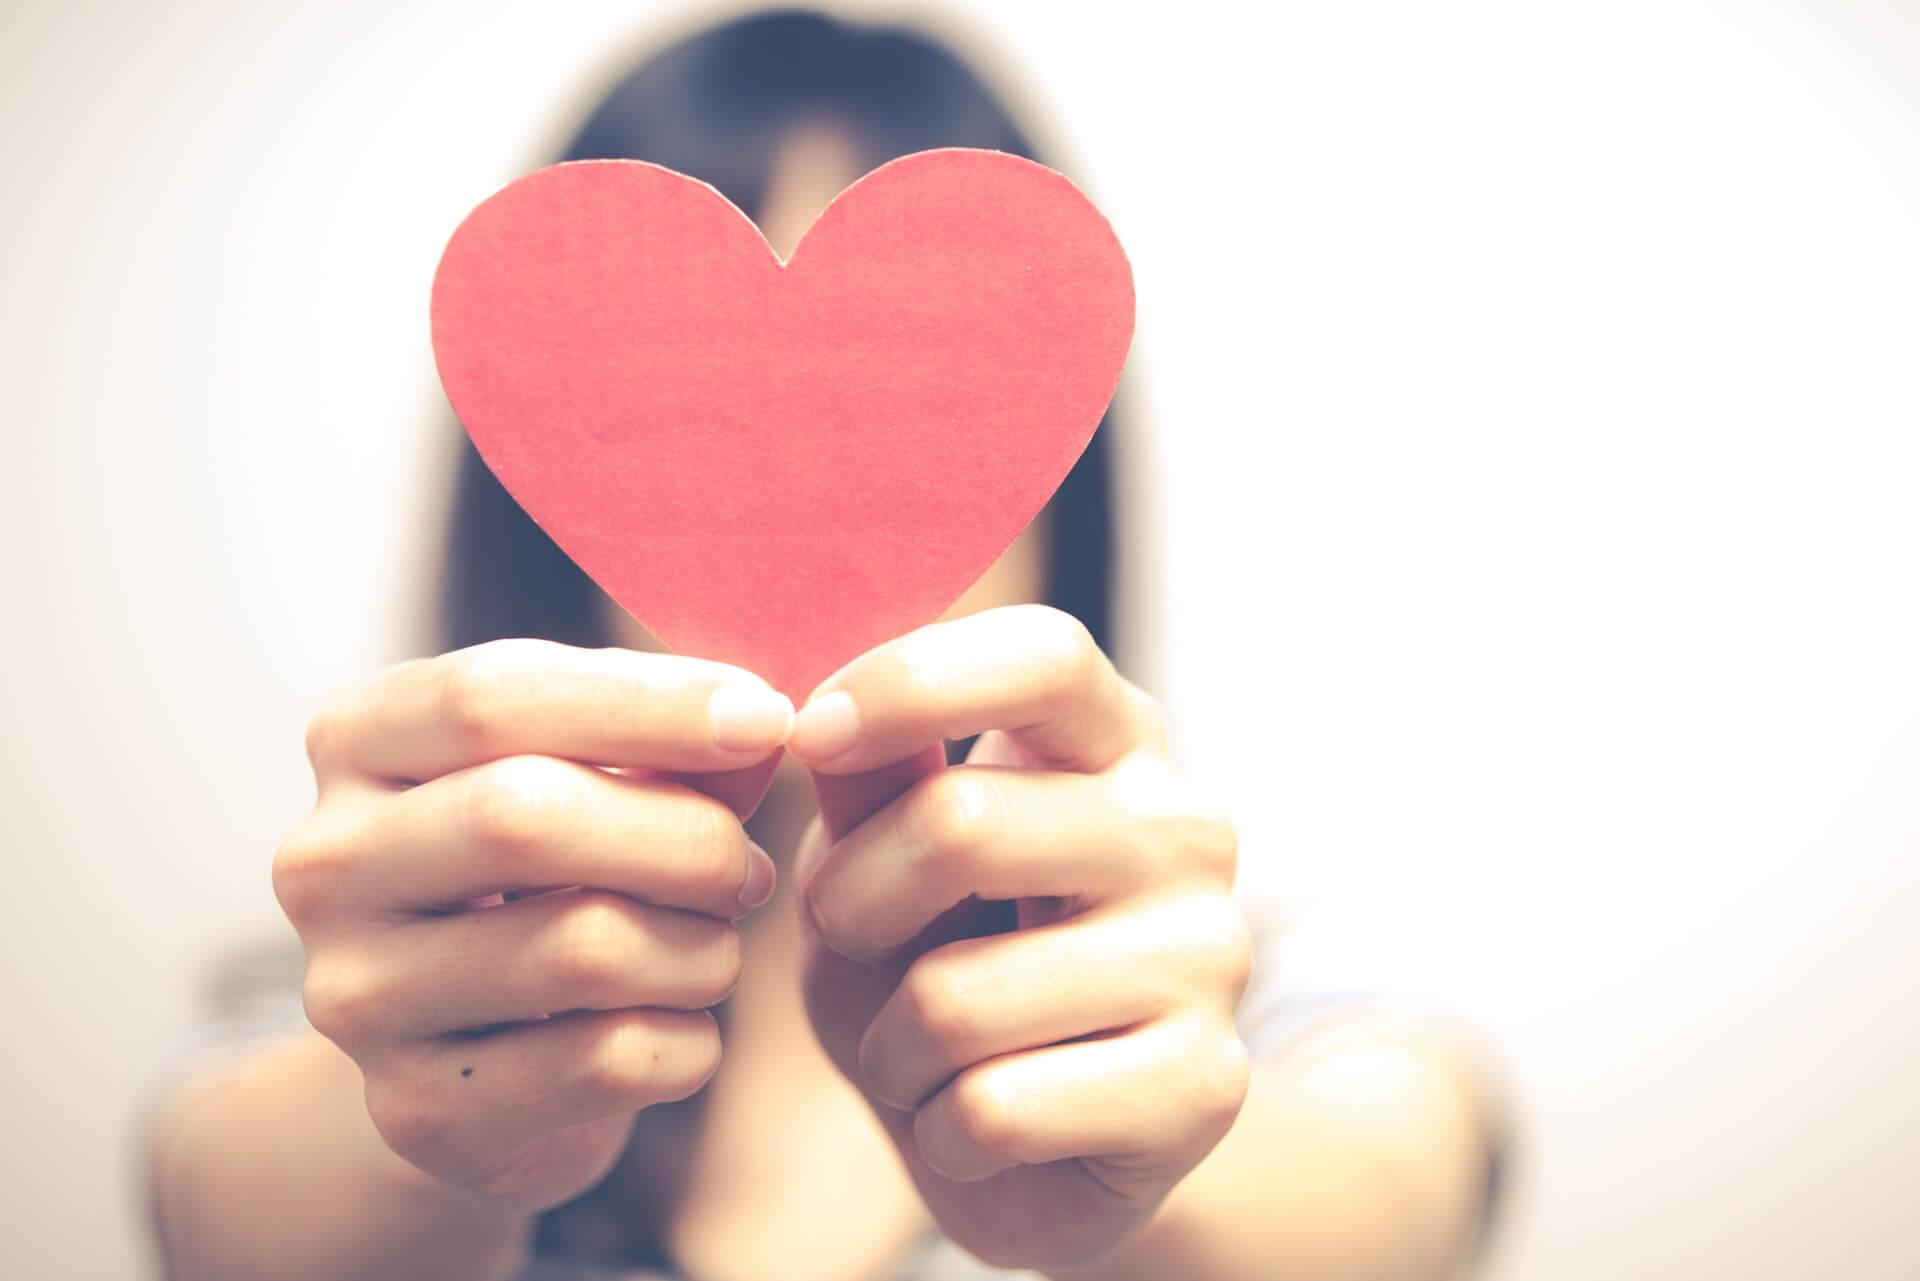 片思い中に好きな人にアプローチする方法